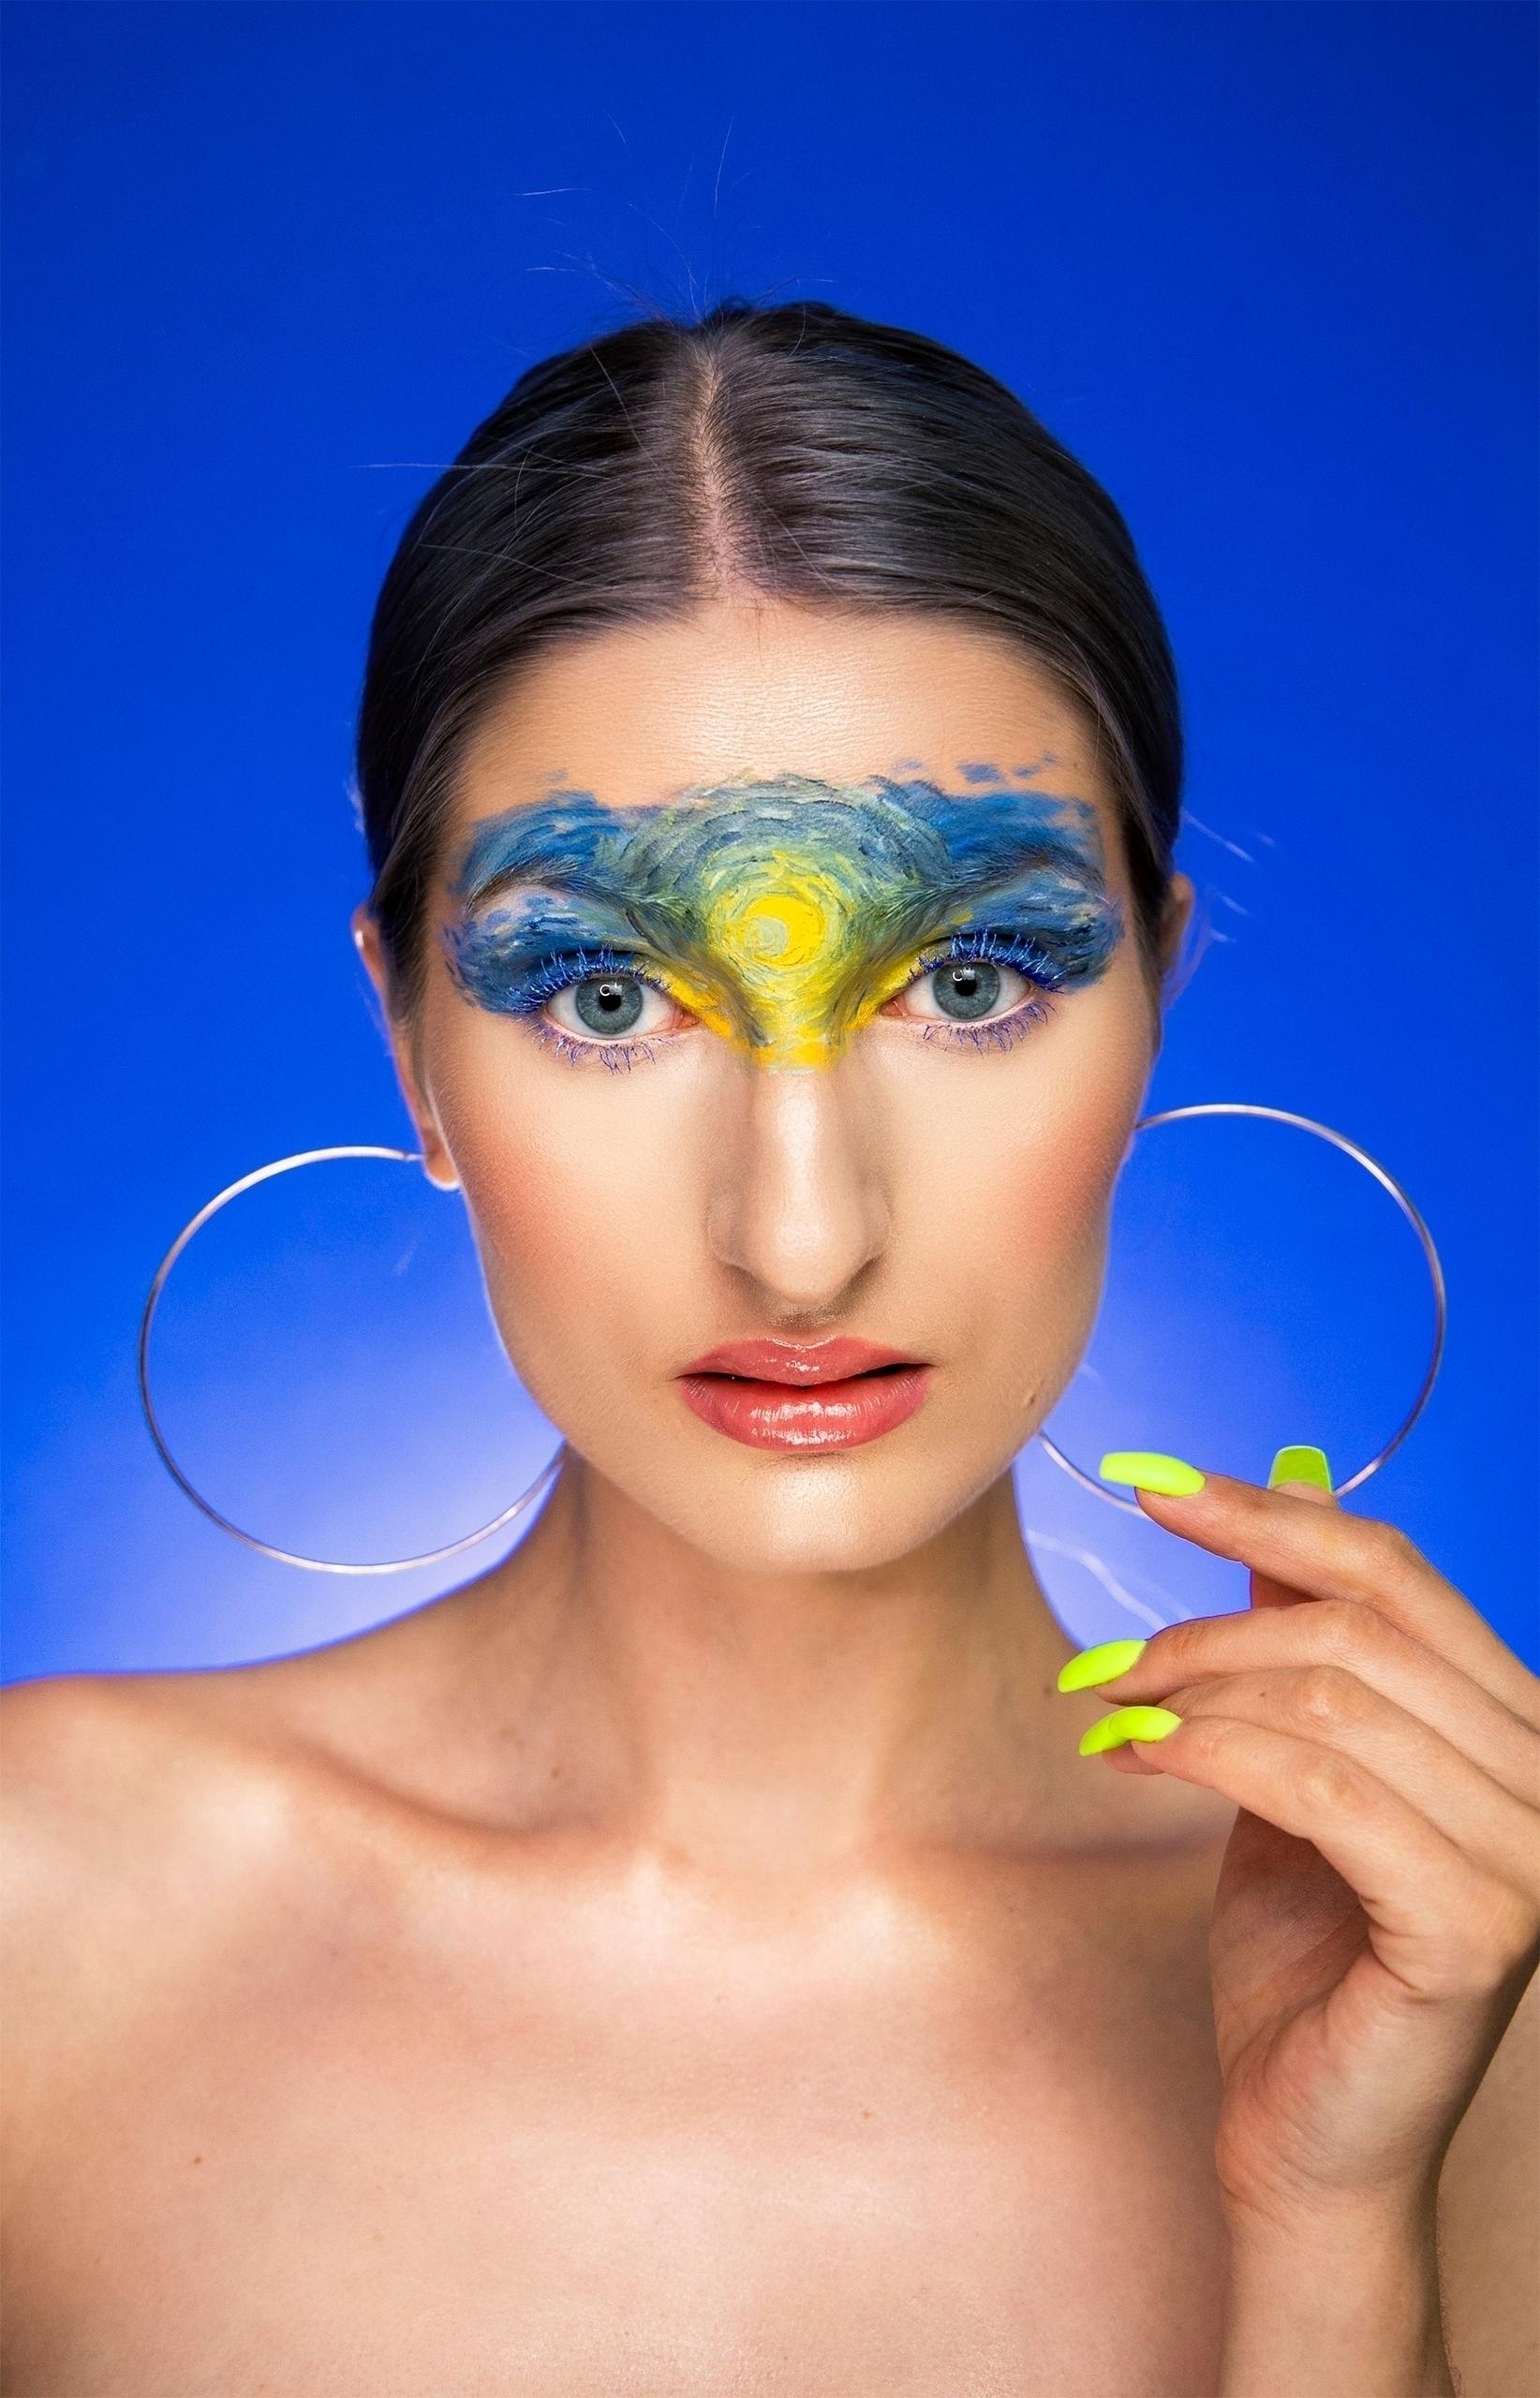 Fotografia przedstawia kobietę na niebieskim tle w mocnym makijażu. Kobieta ma na sobie kolczyki w kształcie kół.